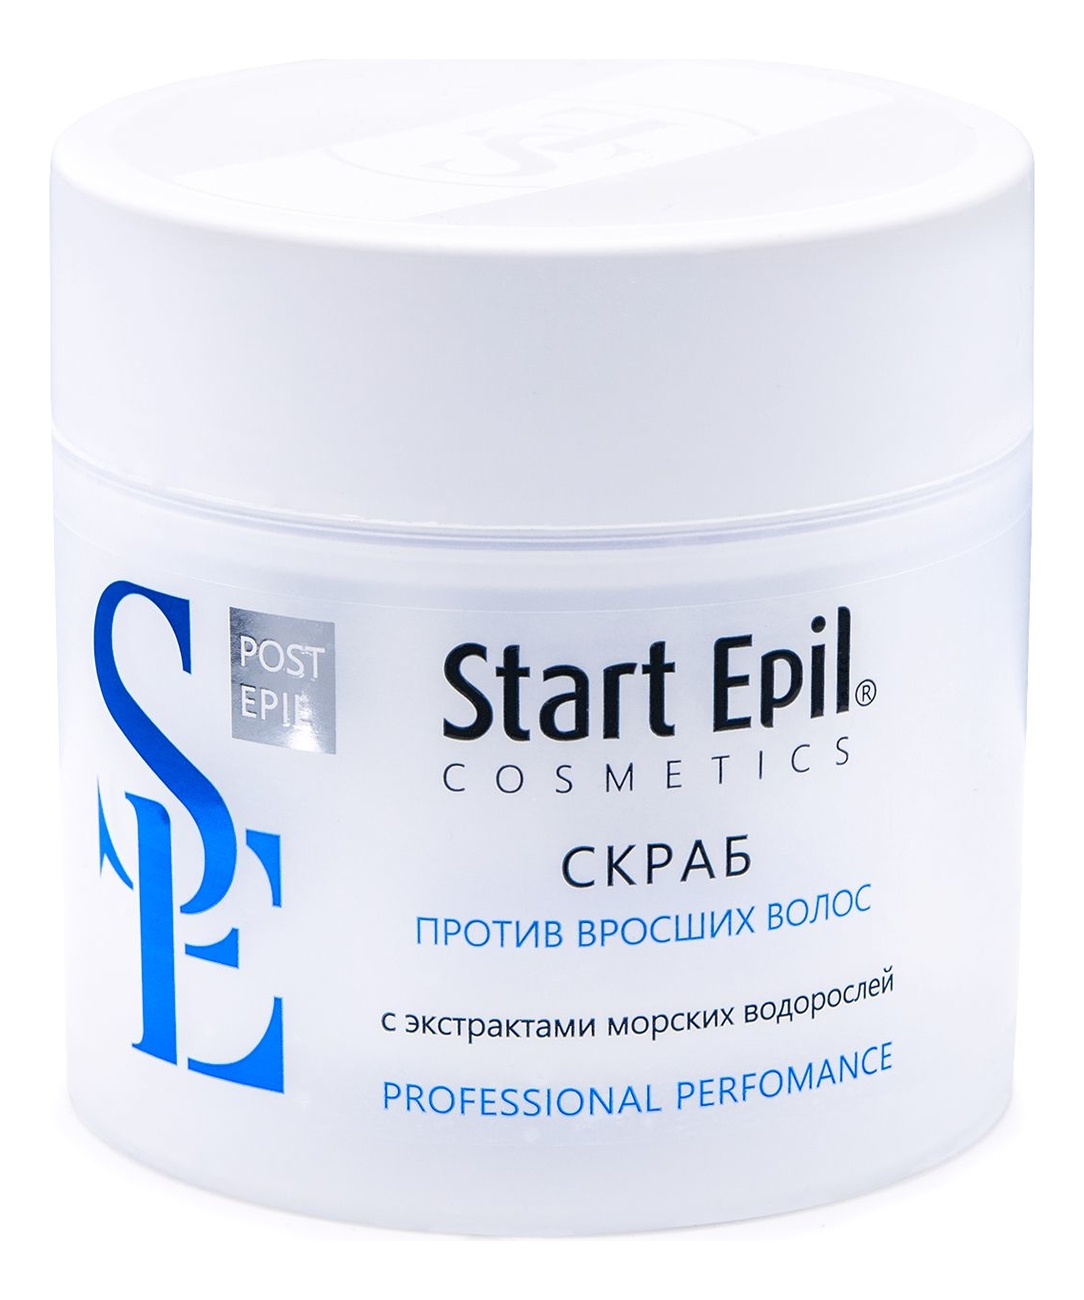 Скраб против вросших волос с экстрактами морских водорослей Start Epil 300мл скраб от вросших волосков